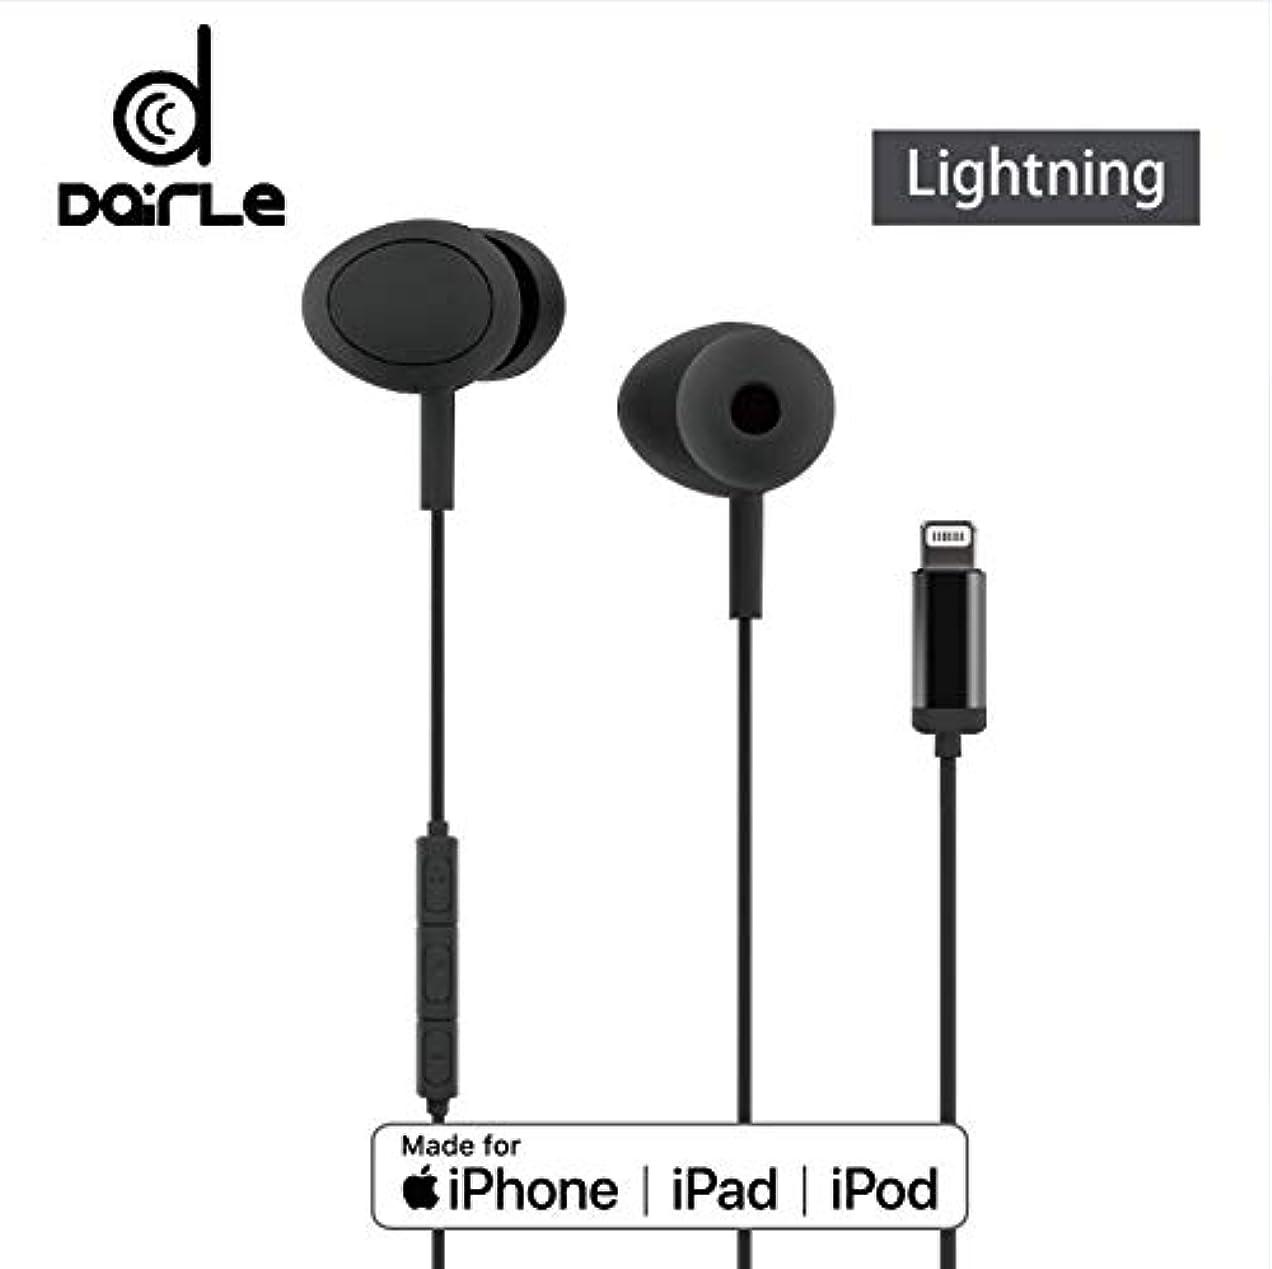 一口構成する持つDairle ムービングコイル式ダイナミックスピーカー搭載 シームレス ロスレス 型ライトニング イヤホン iOS10以降のiPhone/iPad/iPod向け ME-008  (ブライトブラック)